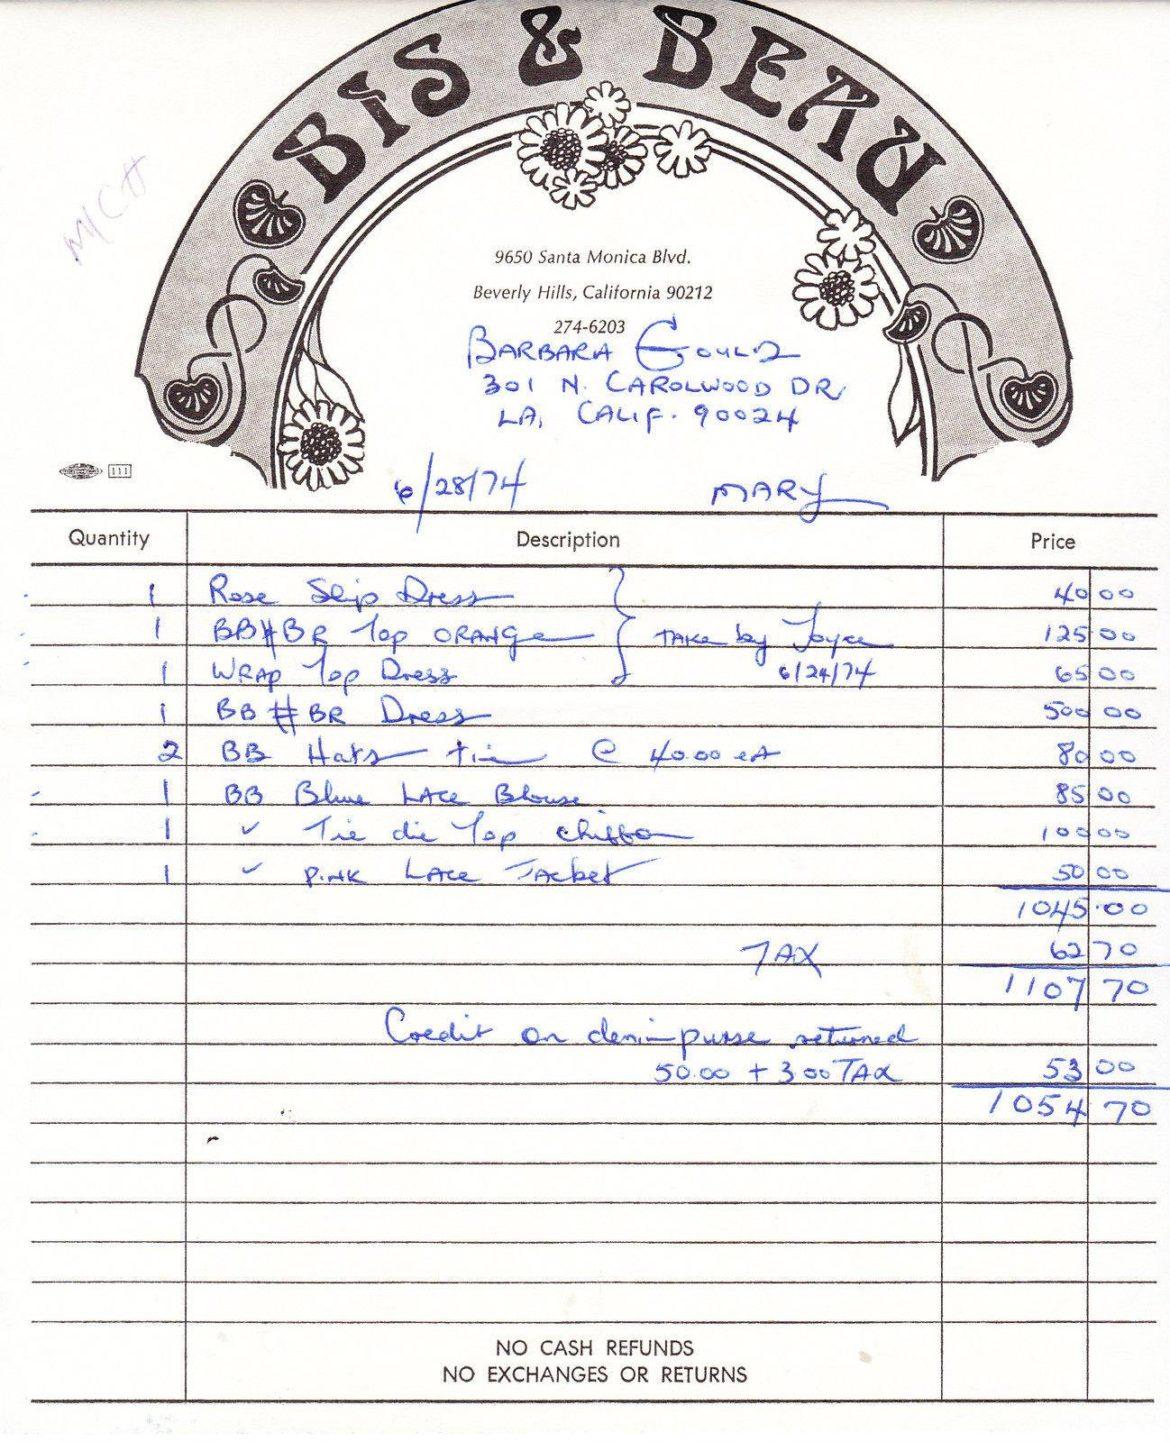 Bis & Beau 1974 Store Receipt